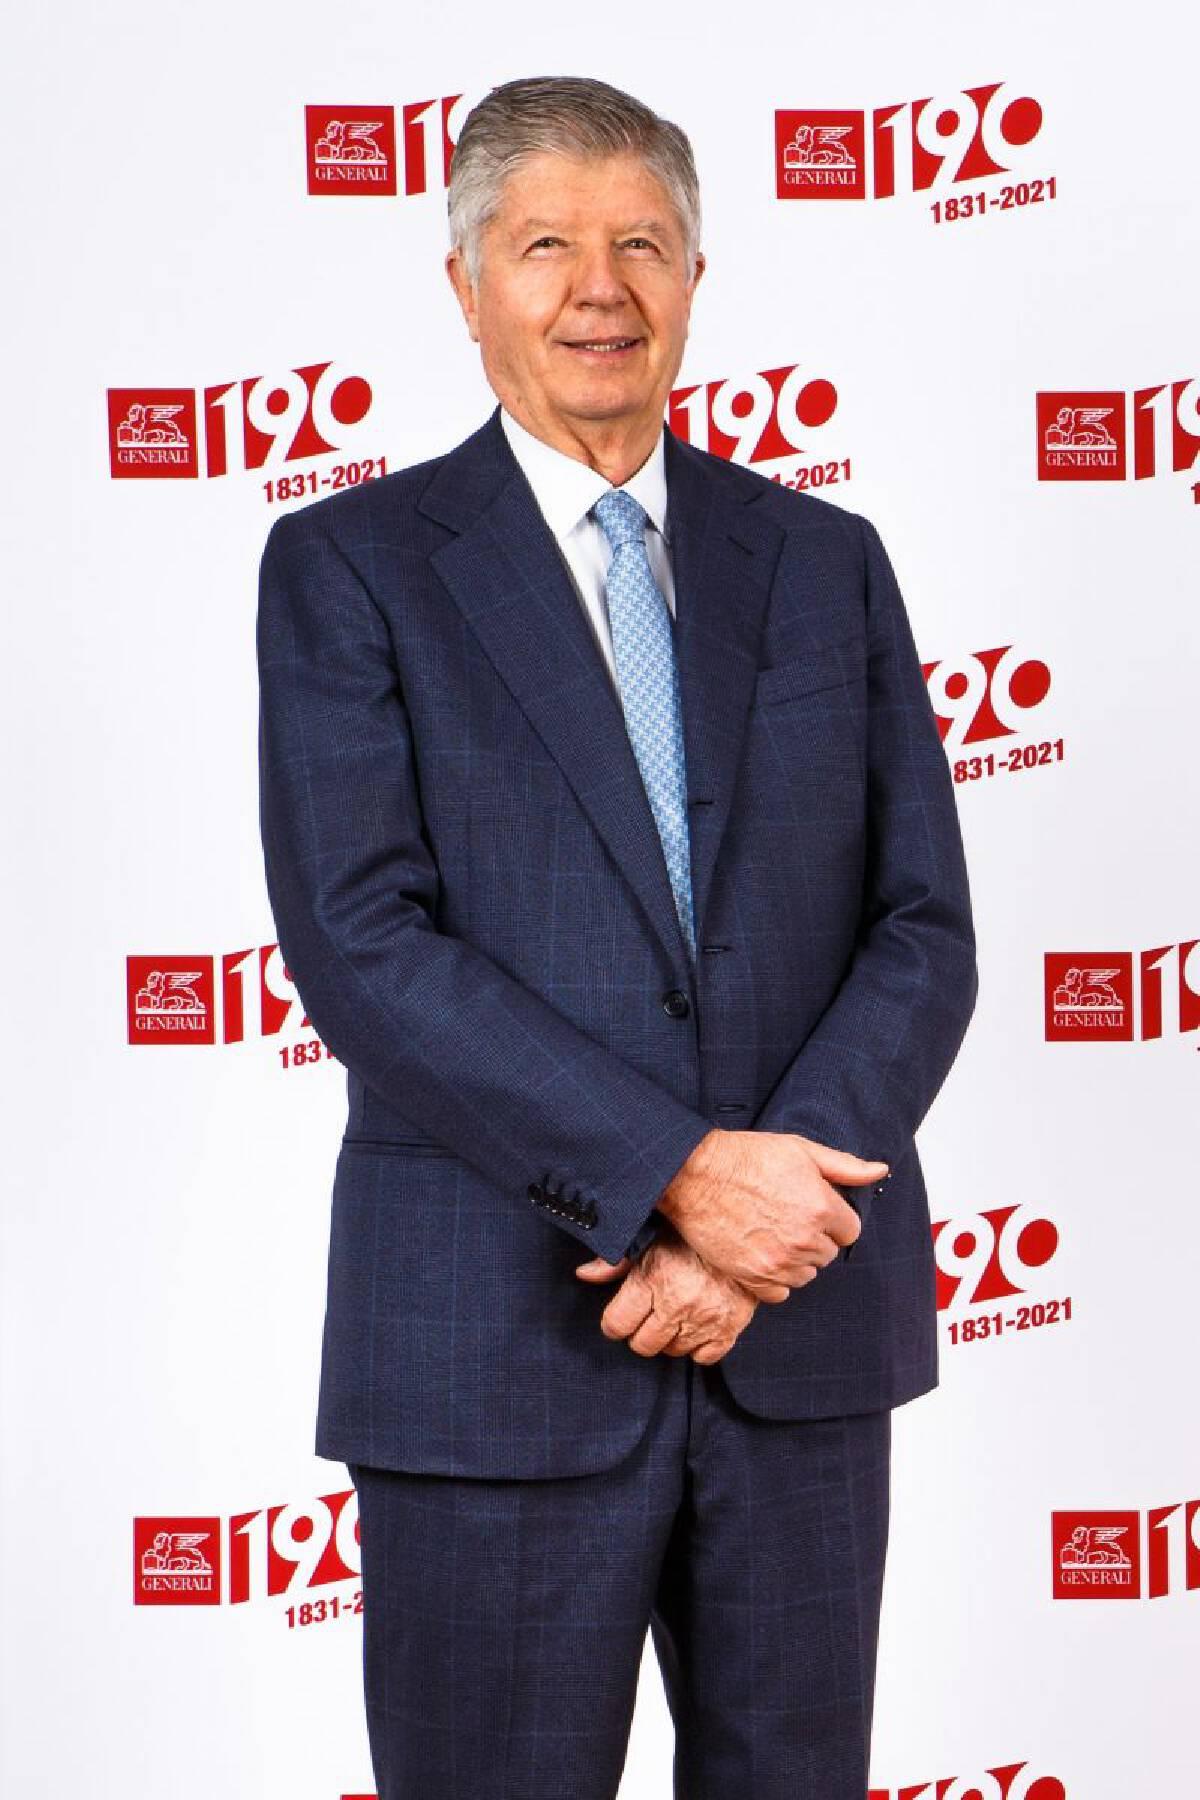 นายกาเบรียล กาลาเตรี ดิ เจโนลา (Gabriele Galateri di Genola) ประธานของกลุ่มบริษัท Assicurazioni Generali